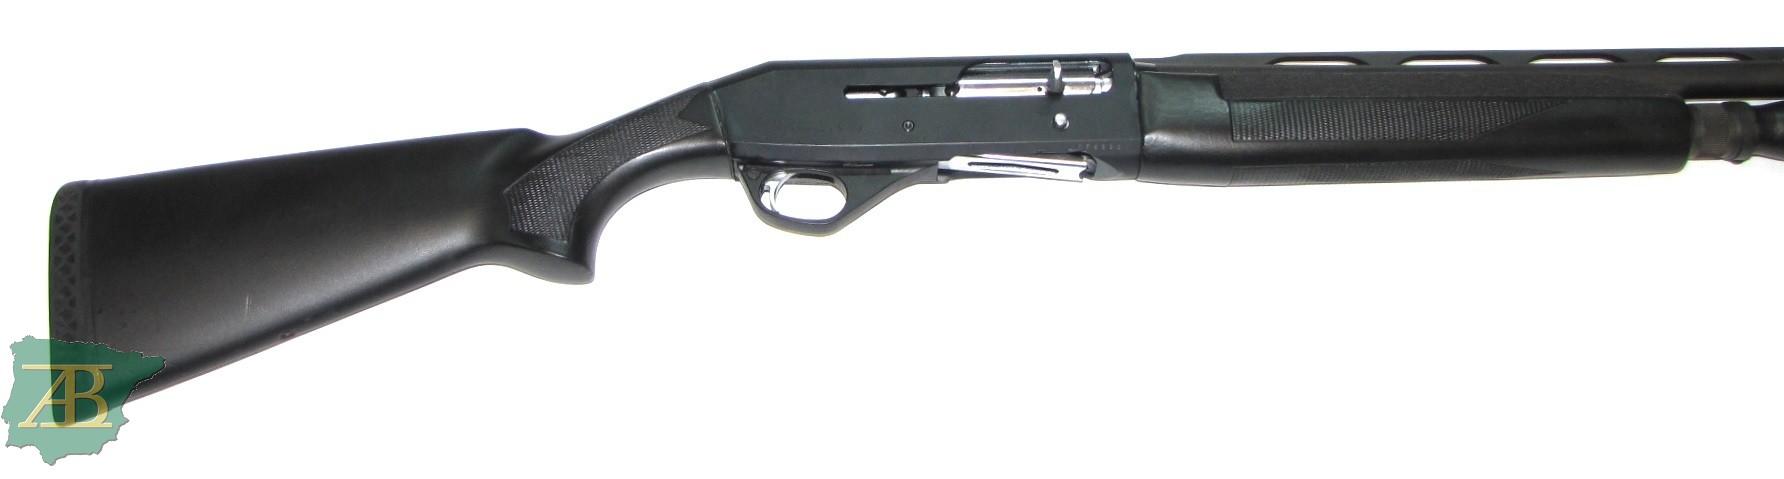 Escopeta semiautomática de caza STOEGER M3000 Ref REP2020-1387-armeriaiberica-2